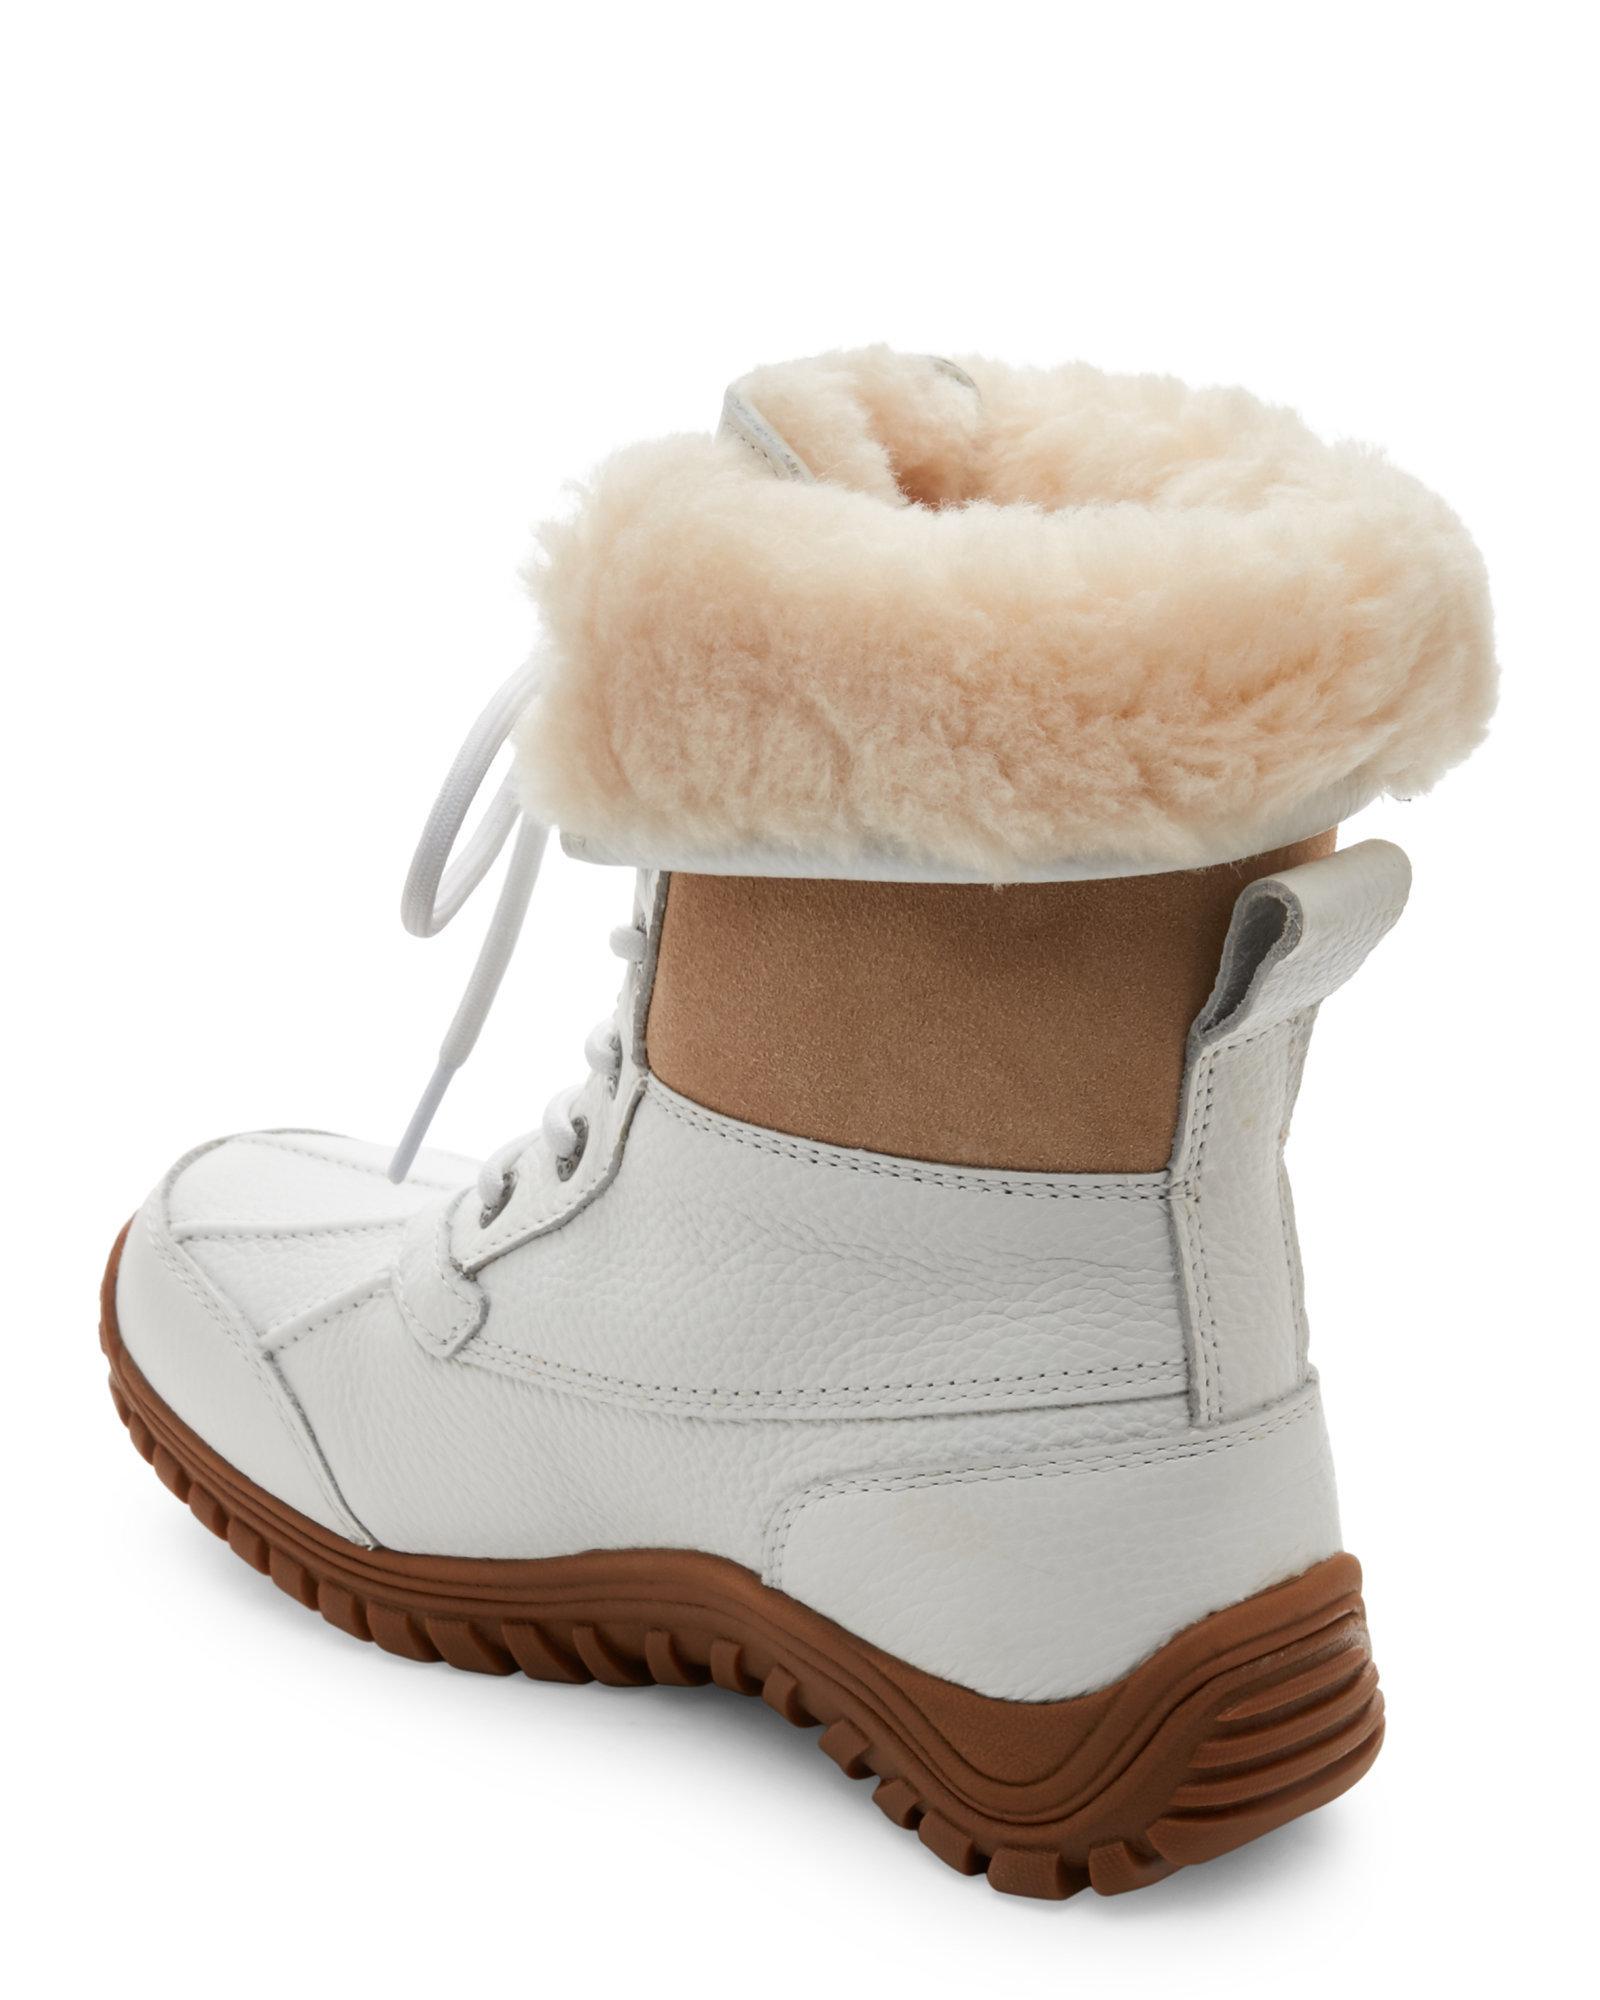 4129337e467 Ugg Boots White - Yamsixteen